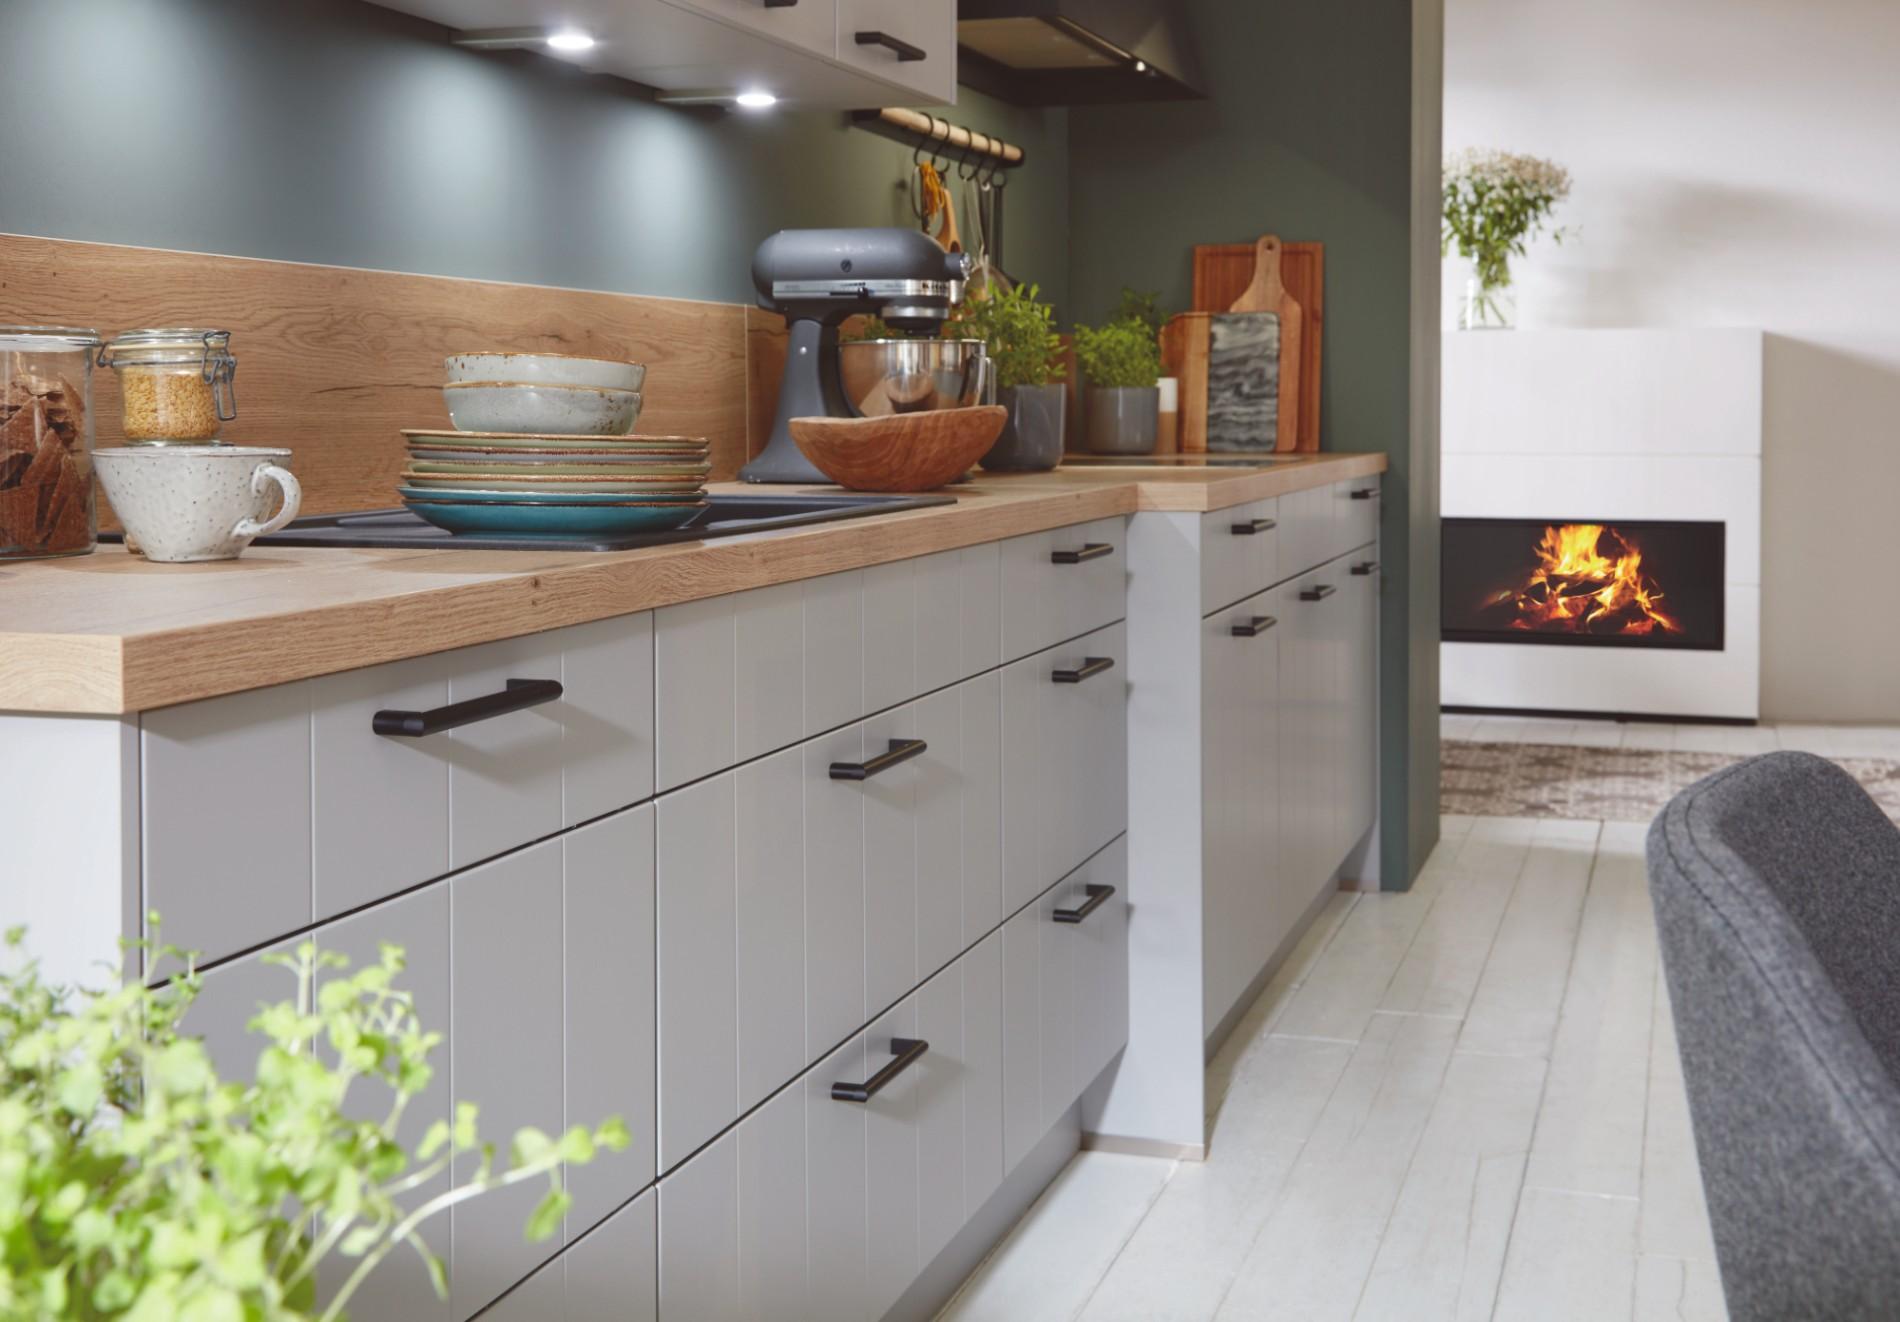 Basic moderne keuken